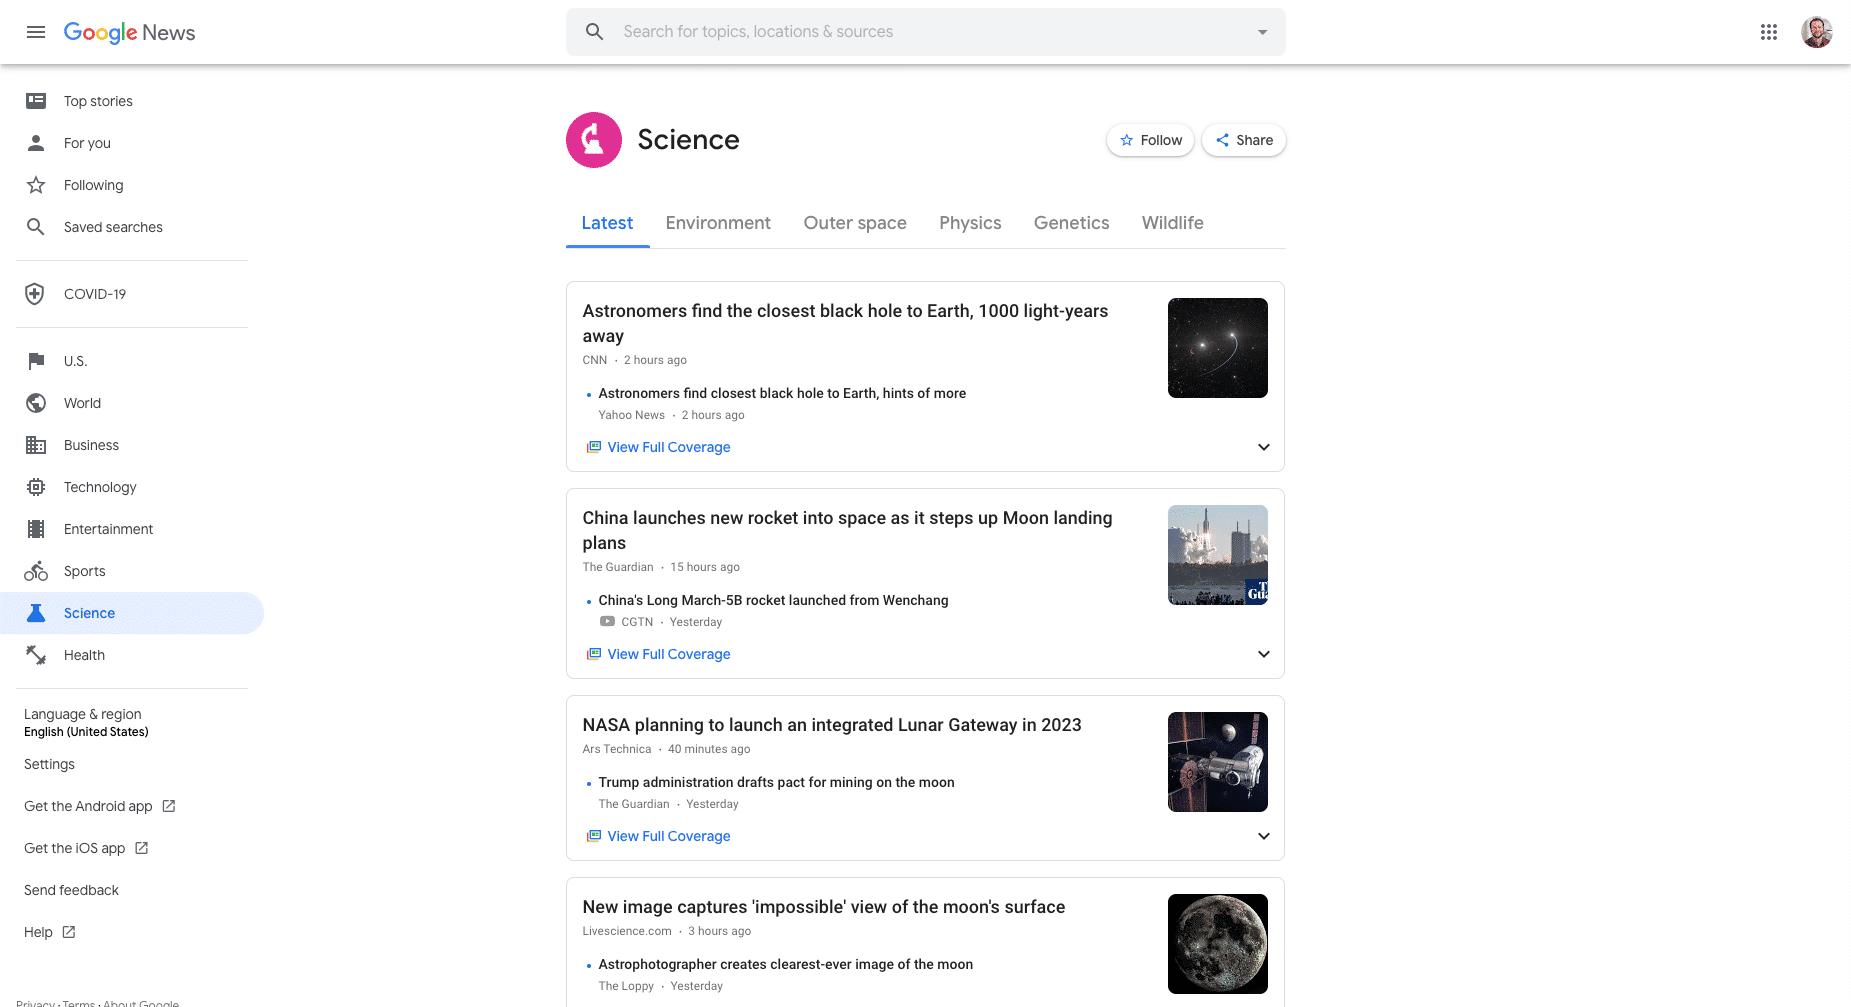 Een voorbeeld pagina over wetenschap binnen Google News